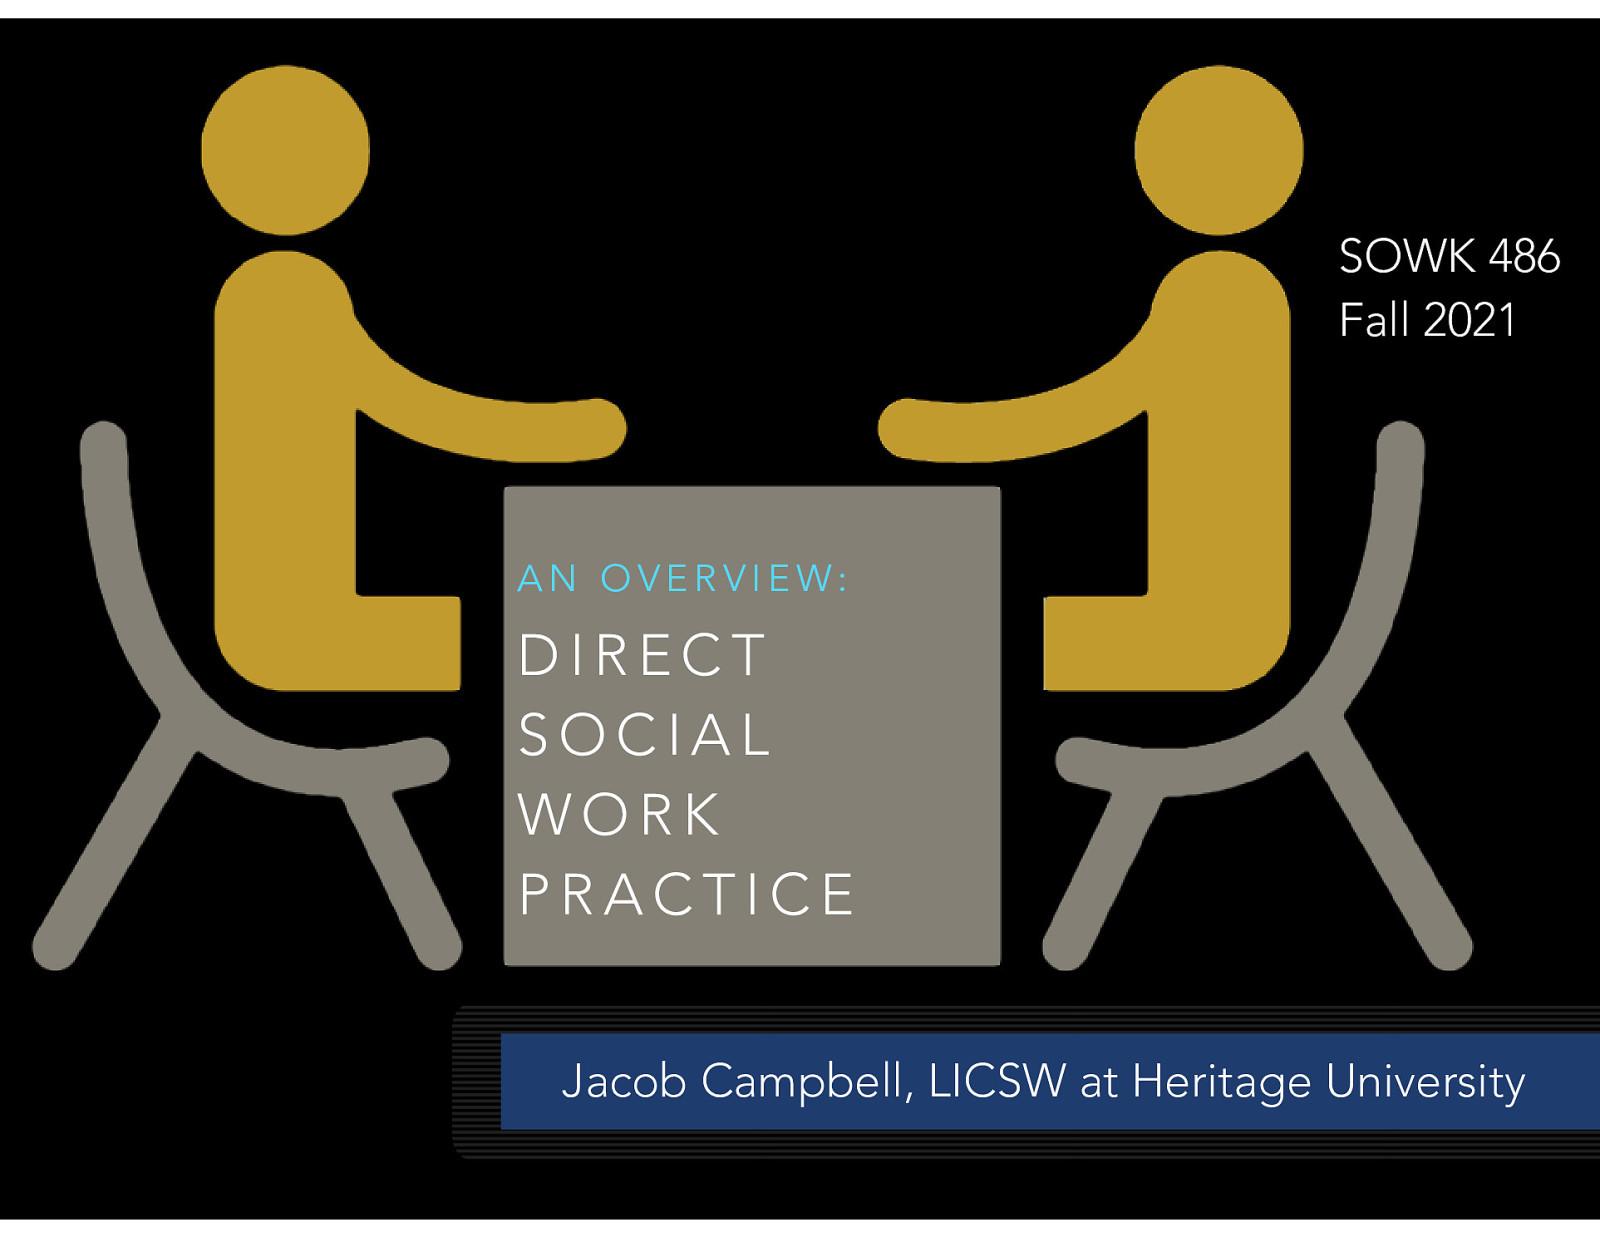 SOWK 486 - Week 03 - Direct Social Work Practice